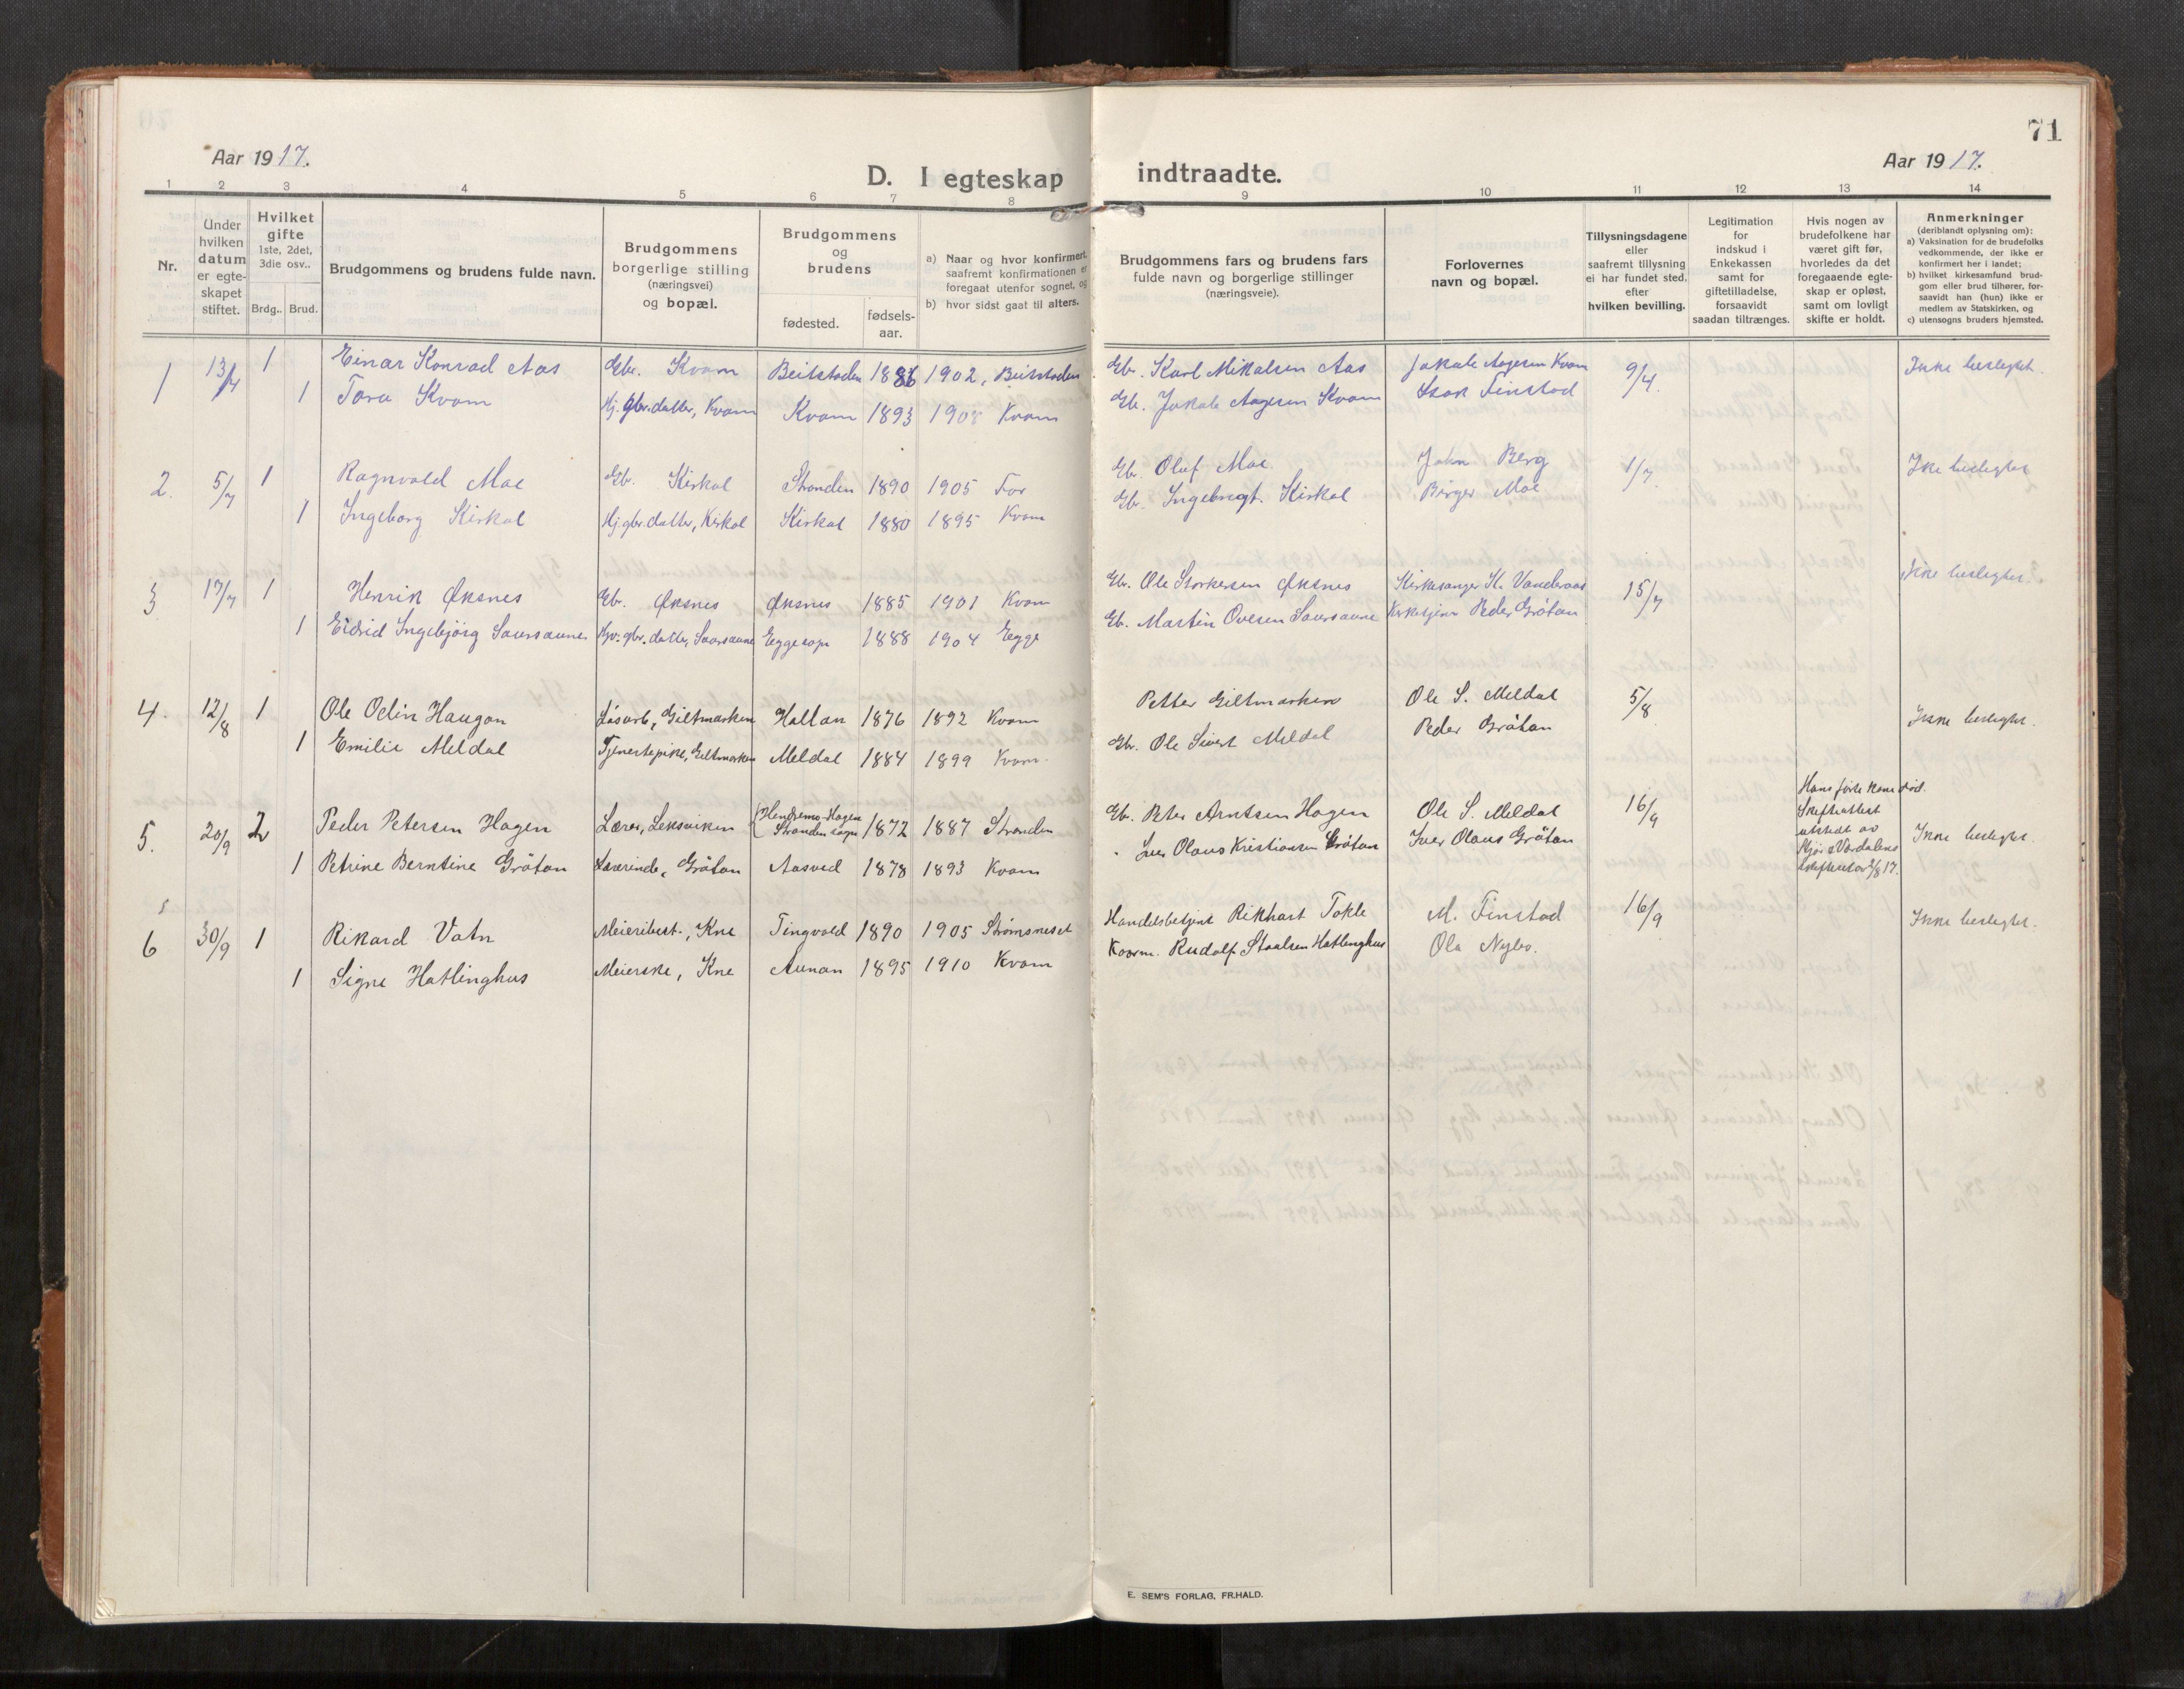 SAT, Stod sokneprestkontor, I/I1/I1a/L0004: Parish register (official) no. 4, 1913-1933, p. 71